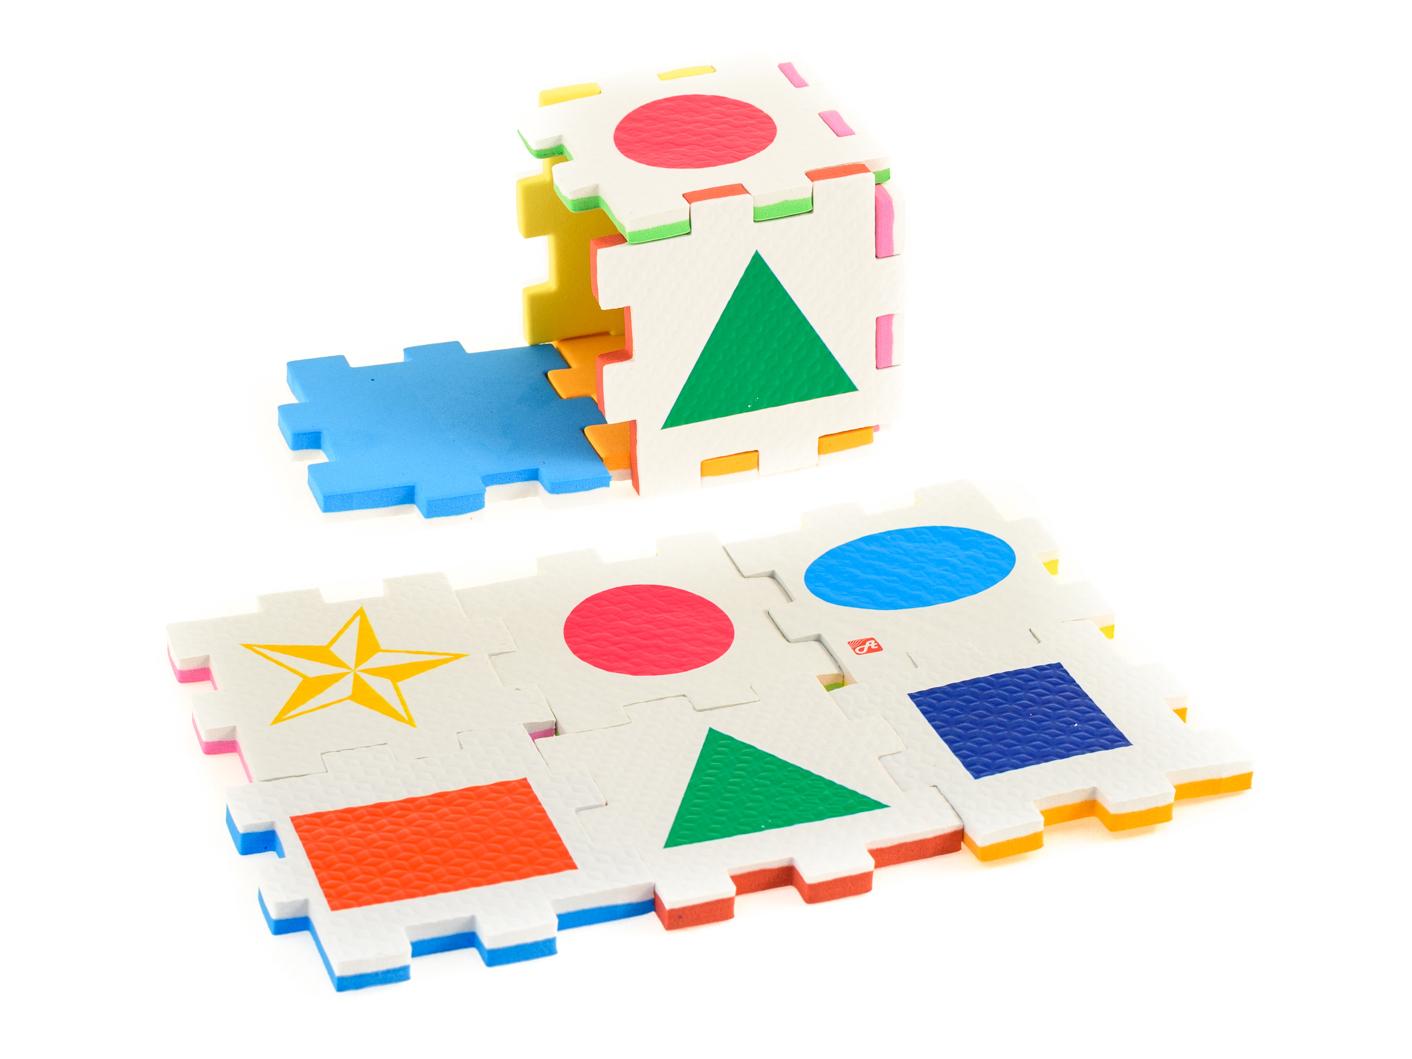 Нескучный кубик Пазл для малышей Фигуры282354Развивающее пособие-игрушка призвано в легкой игровой форме помочь ребенку познакомиться с окружающим миром, изучить цвета, формы, развить логическое и ассоциативное мышление. Из деталей кубика можно конструировать не только кубик из 6 элементов! Попробуйте собрать форму побольше — из 10-12 деталей, либо кубик из 24 деталей, у которого каждая сторона будет состоять из 4-х картинок-элементов. Либо вы можете сложить с ребенком необычный коврик из деталей кубика. Позвольте ребенку поиграть самому — он сможет сконструировать разные формы и фигуры, которые подскажет ему его воображение. С детьми постарше можно заниматься изучением иностранных языков в игровой форме.